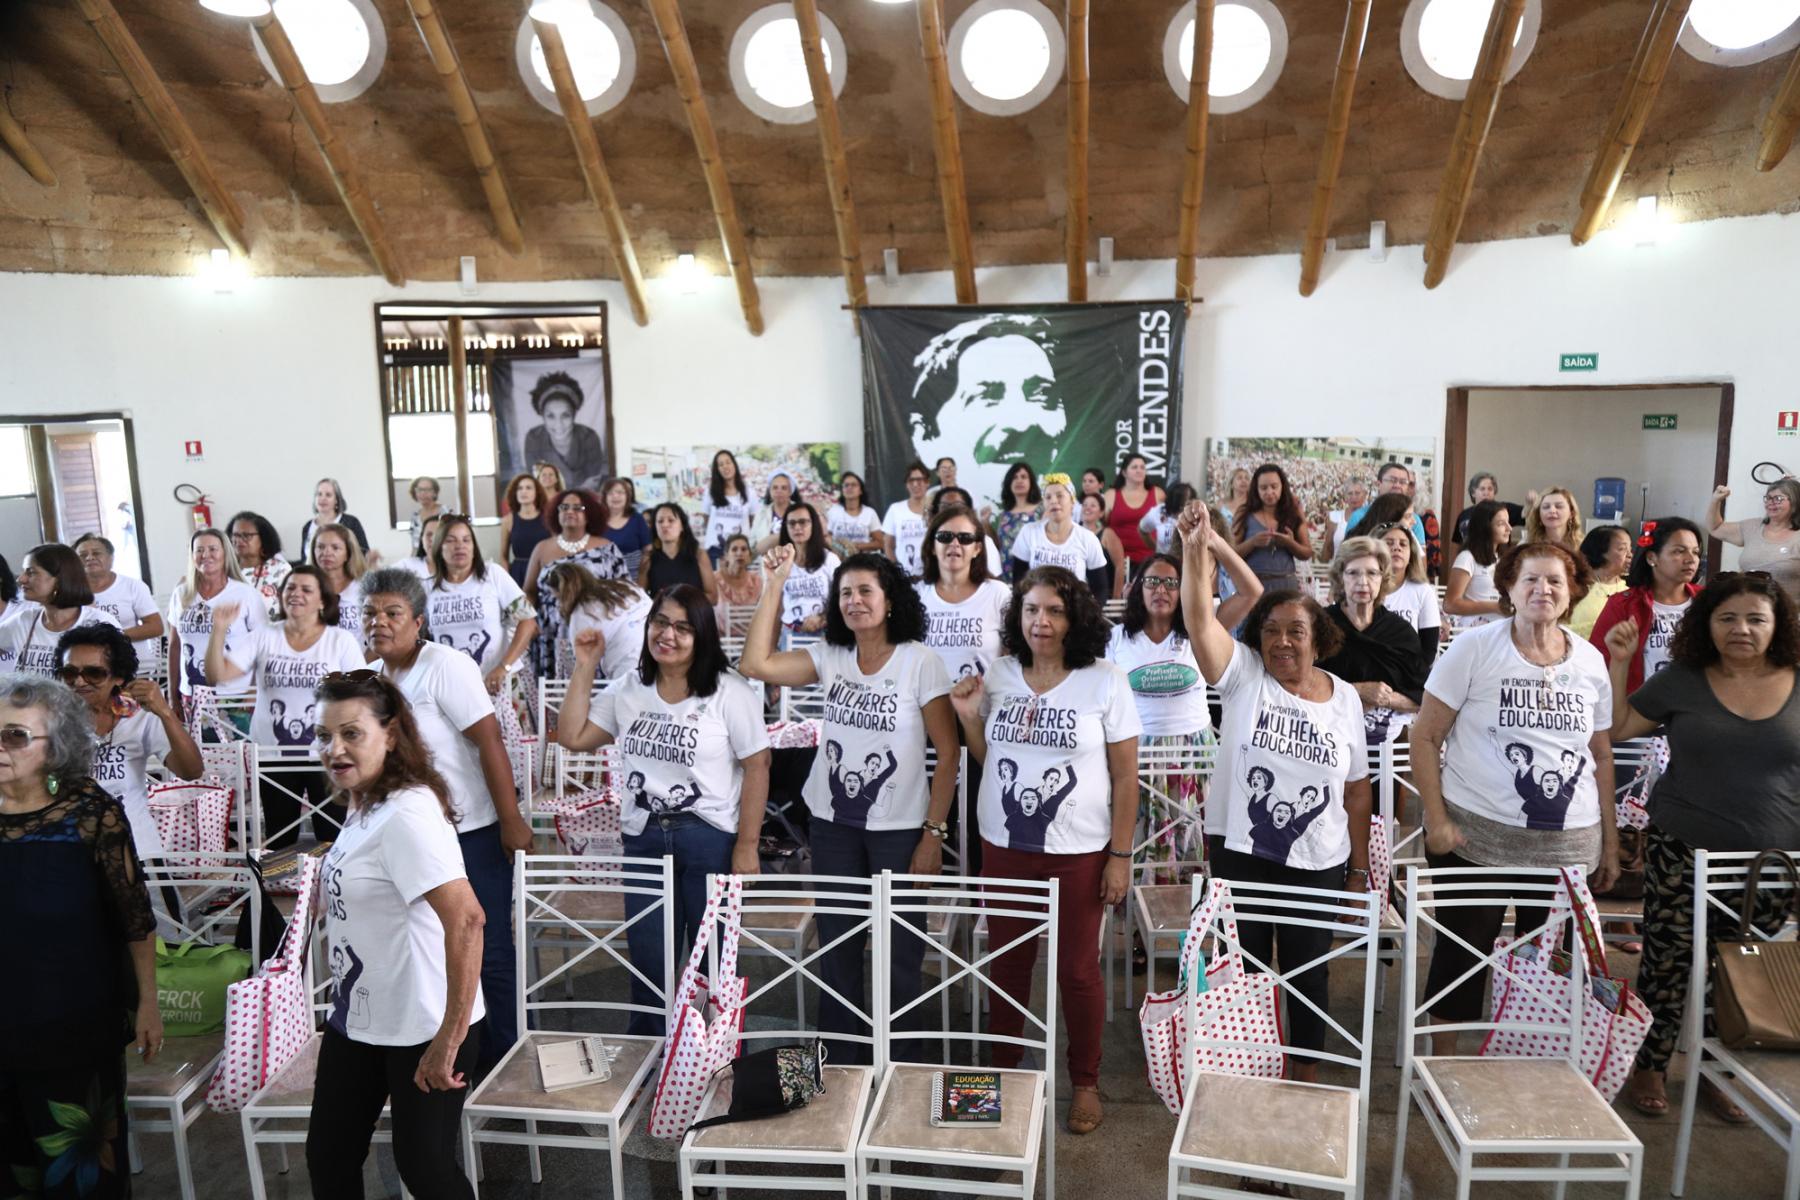 2019.04.27-VII-Encontro-de-Mulheres-Trabalhadoras_fotos-ECOM-128